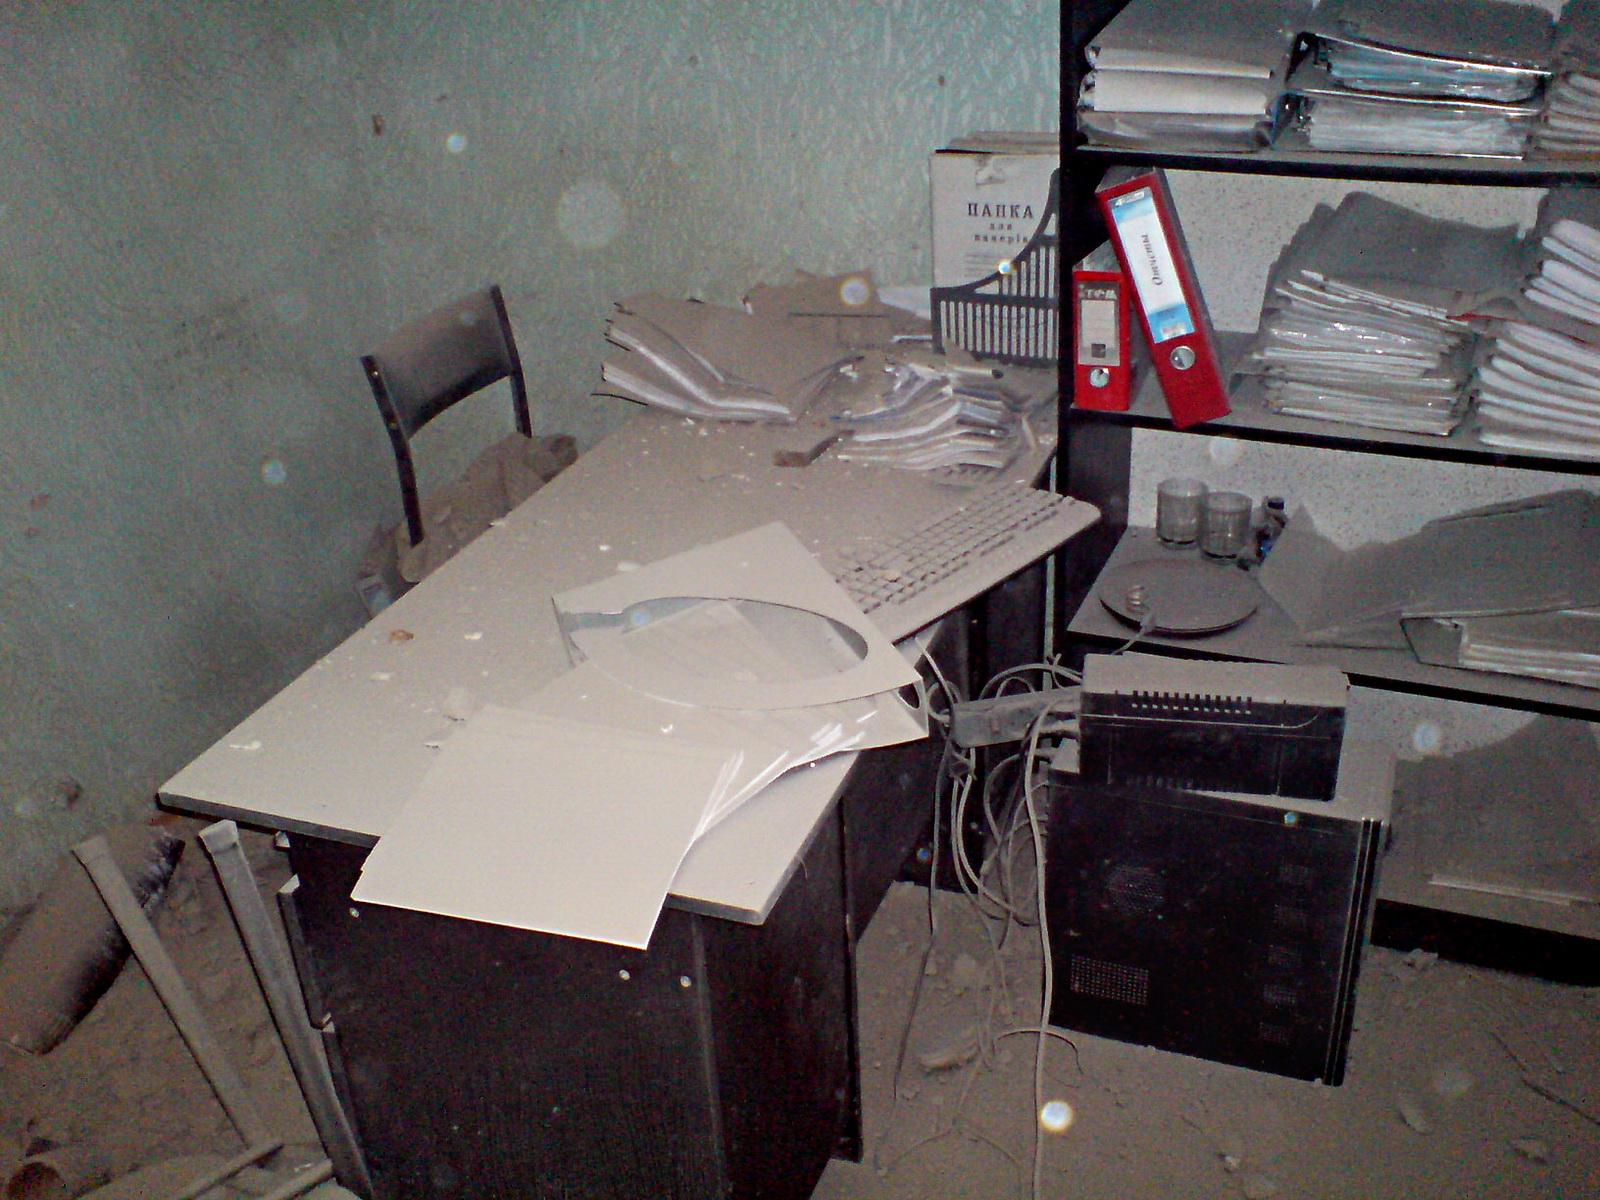 Кабинет после падения снаряда. Фото, предоставленное редакцией «Технополиса»